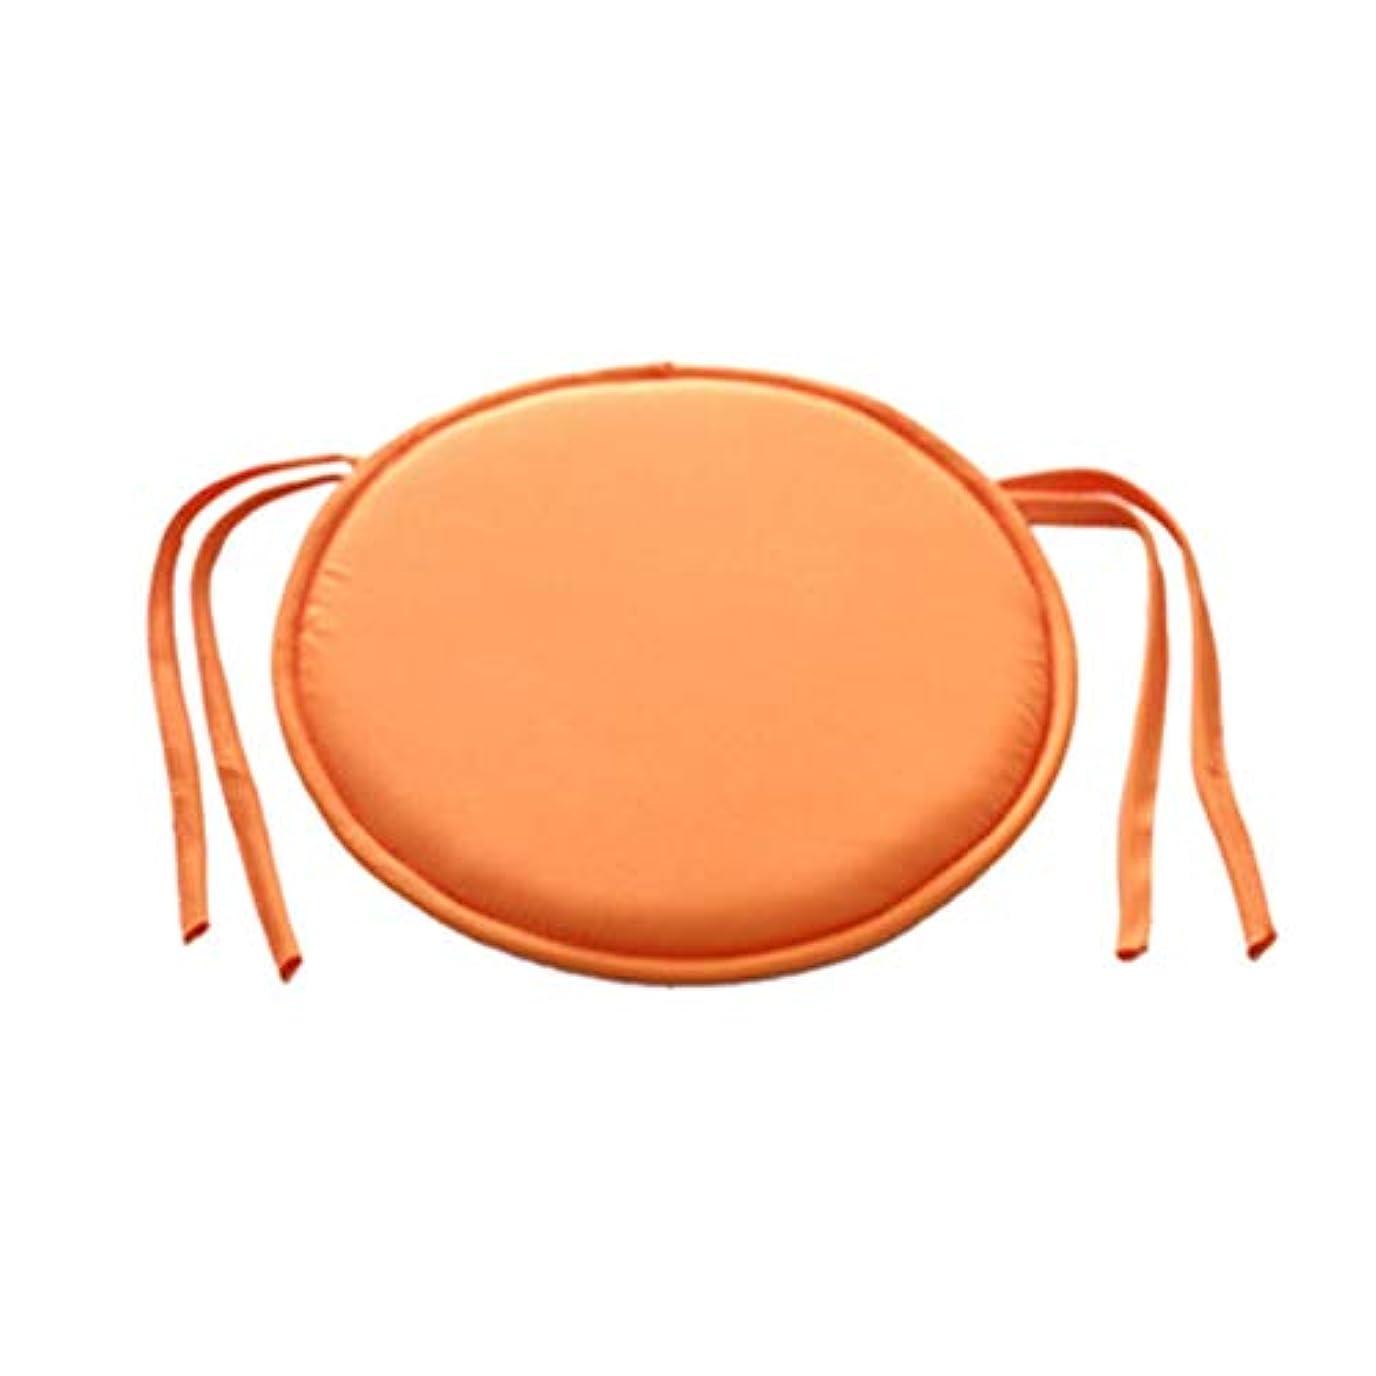 流暢毒液ネブSMART ホット販売ラウンドチェアクッション屋内ポップパティオオフィスチェアシートパッドネクタイスクエアガーデンキッチンダイニングクッション クッション 椅子